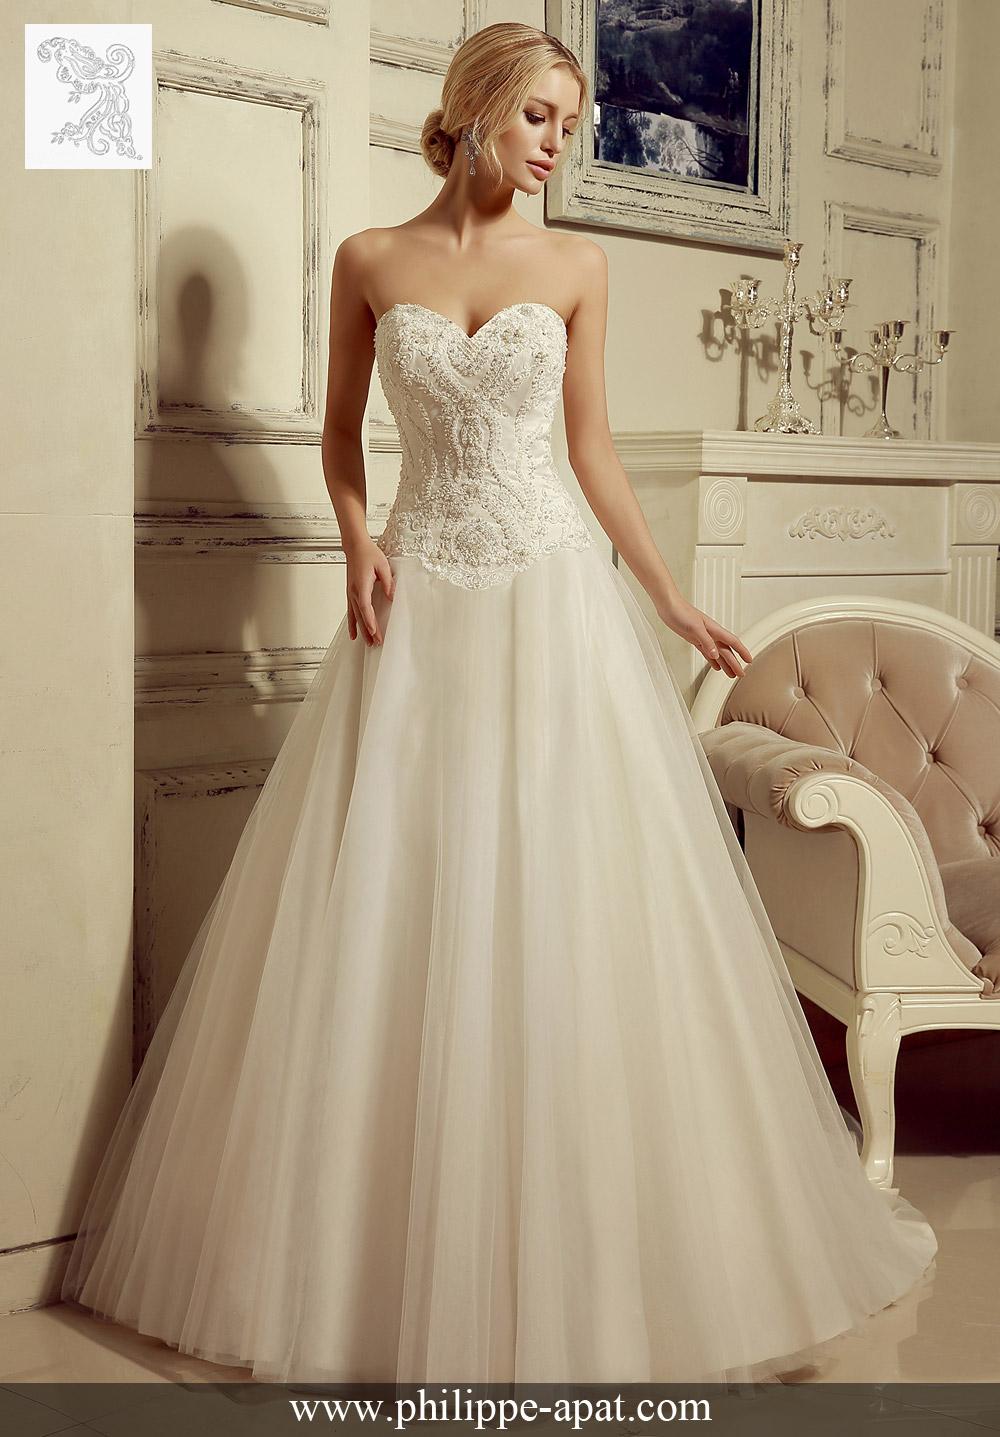 Une jupe en tulle réunie avec un corsage de dentelle romantique pour créer la robe de bal de mariée 2016 parfaite. Accentuée avec un décolleté en cœur.